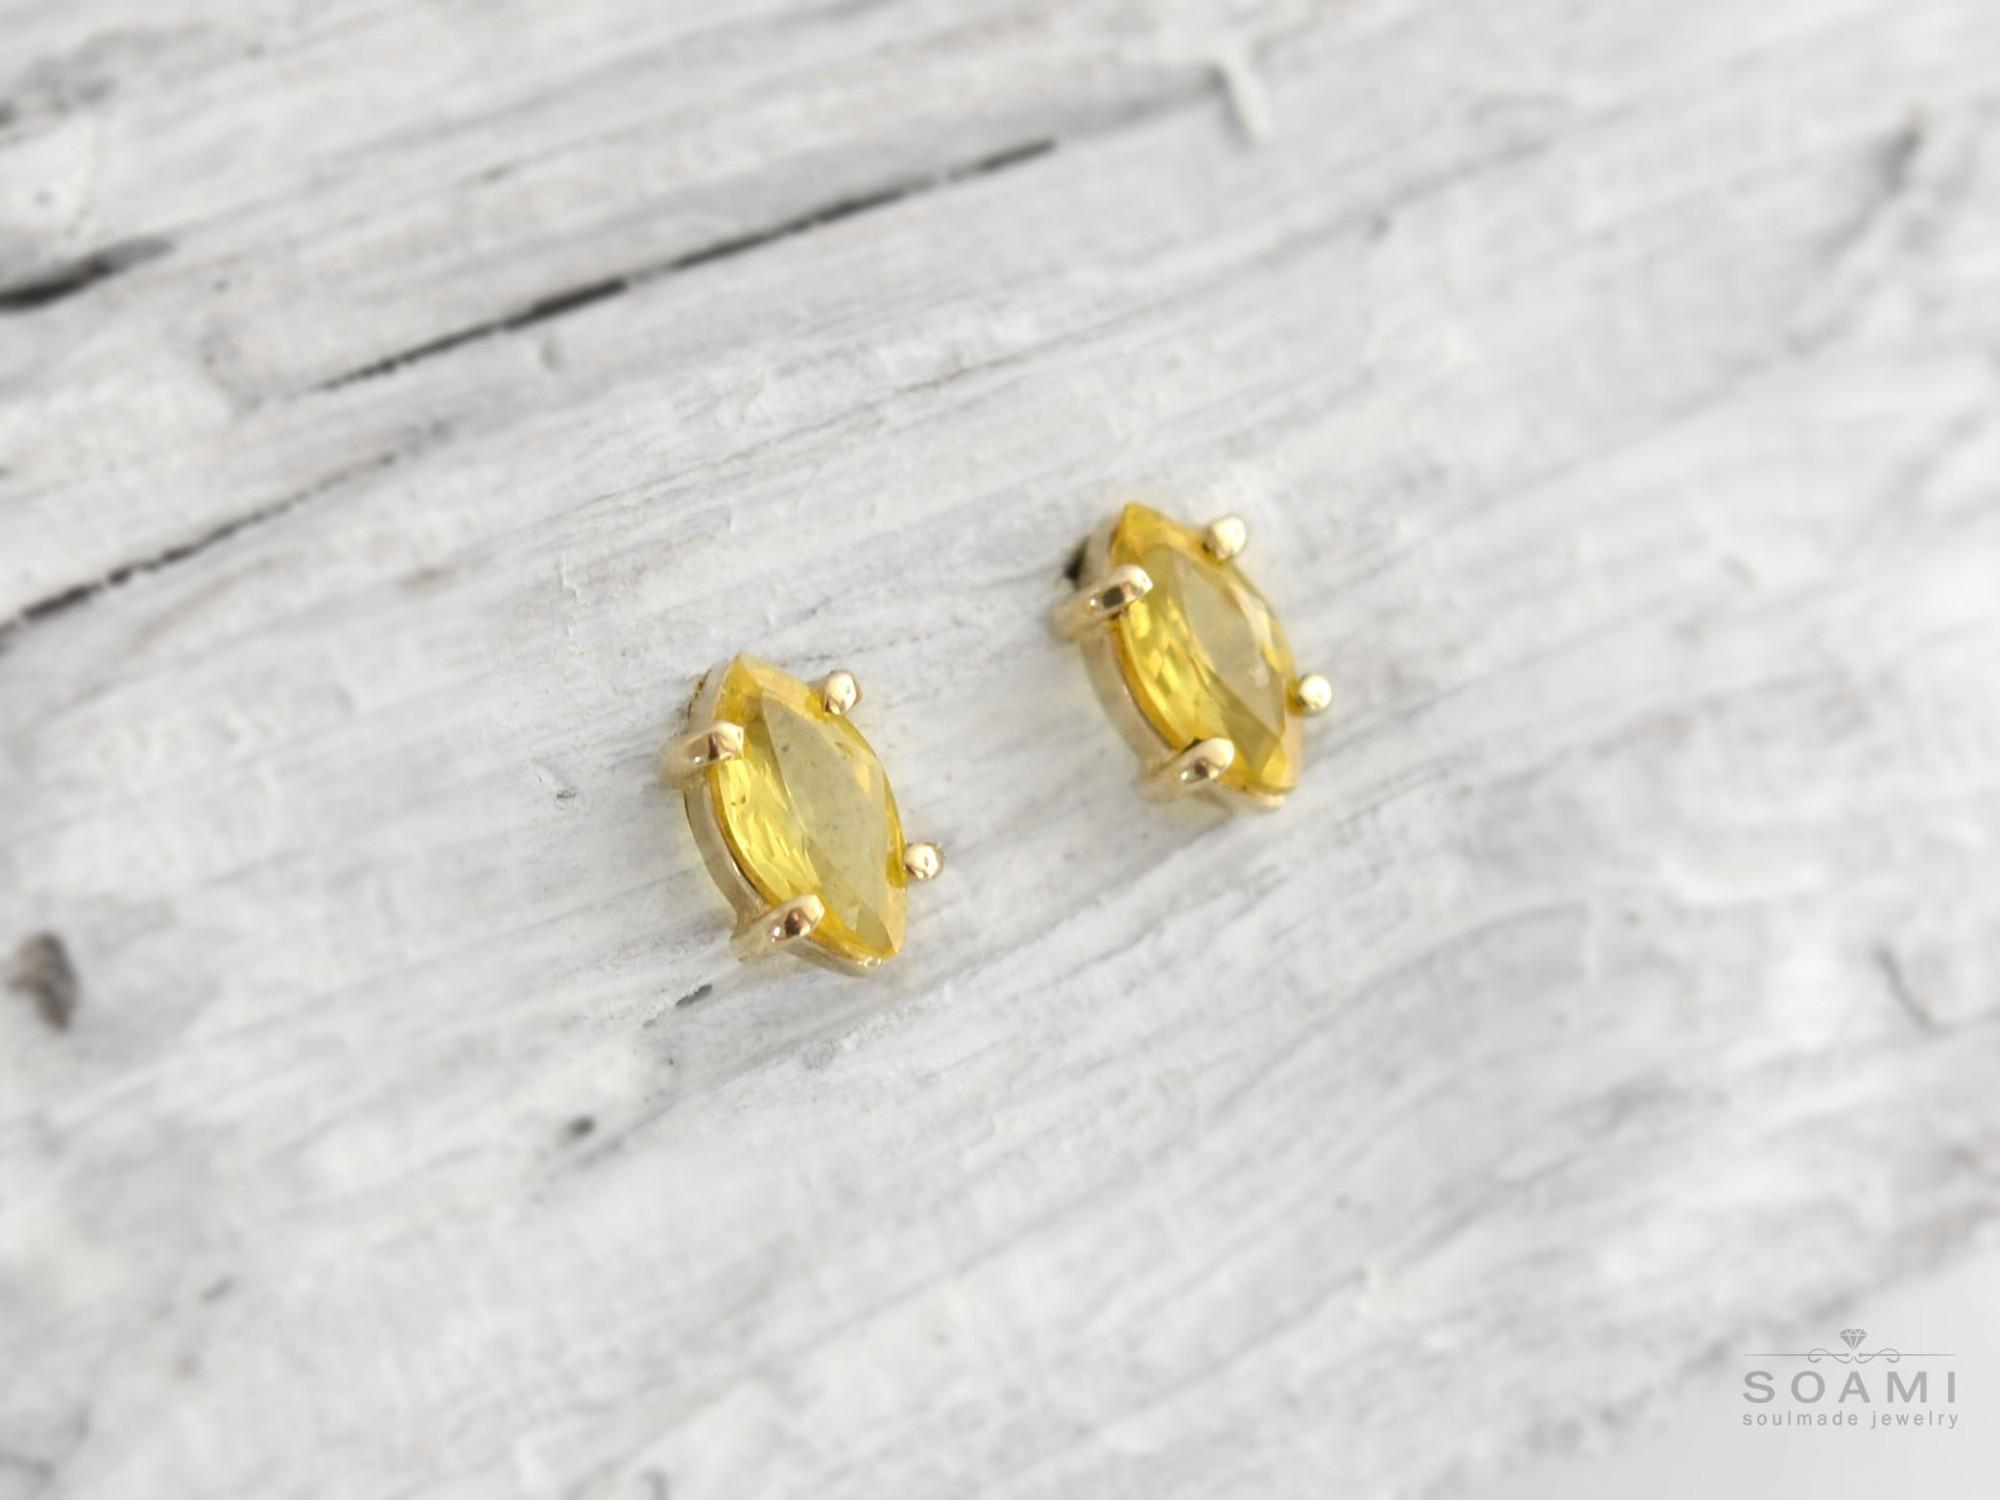 zlaté náušnice s přírodním žlutým safírem Oko